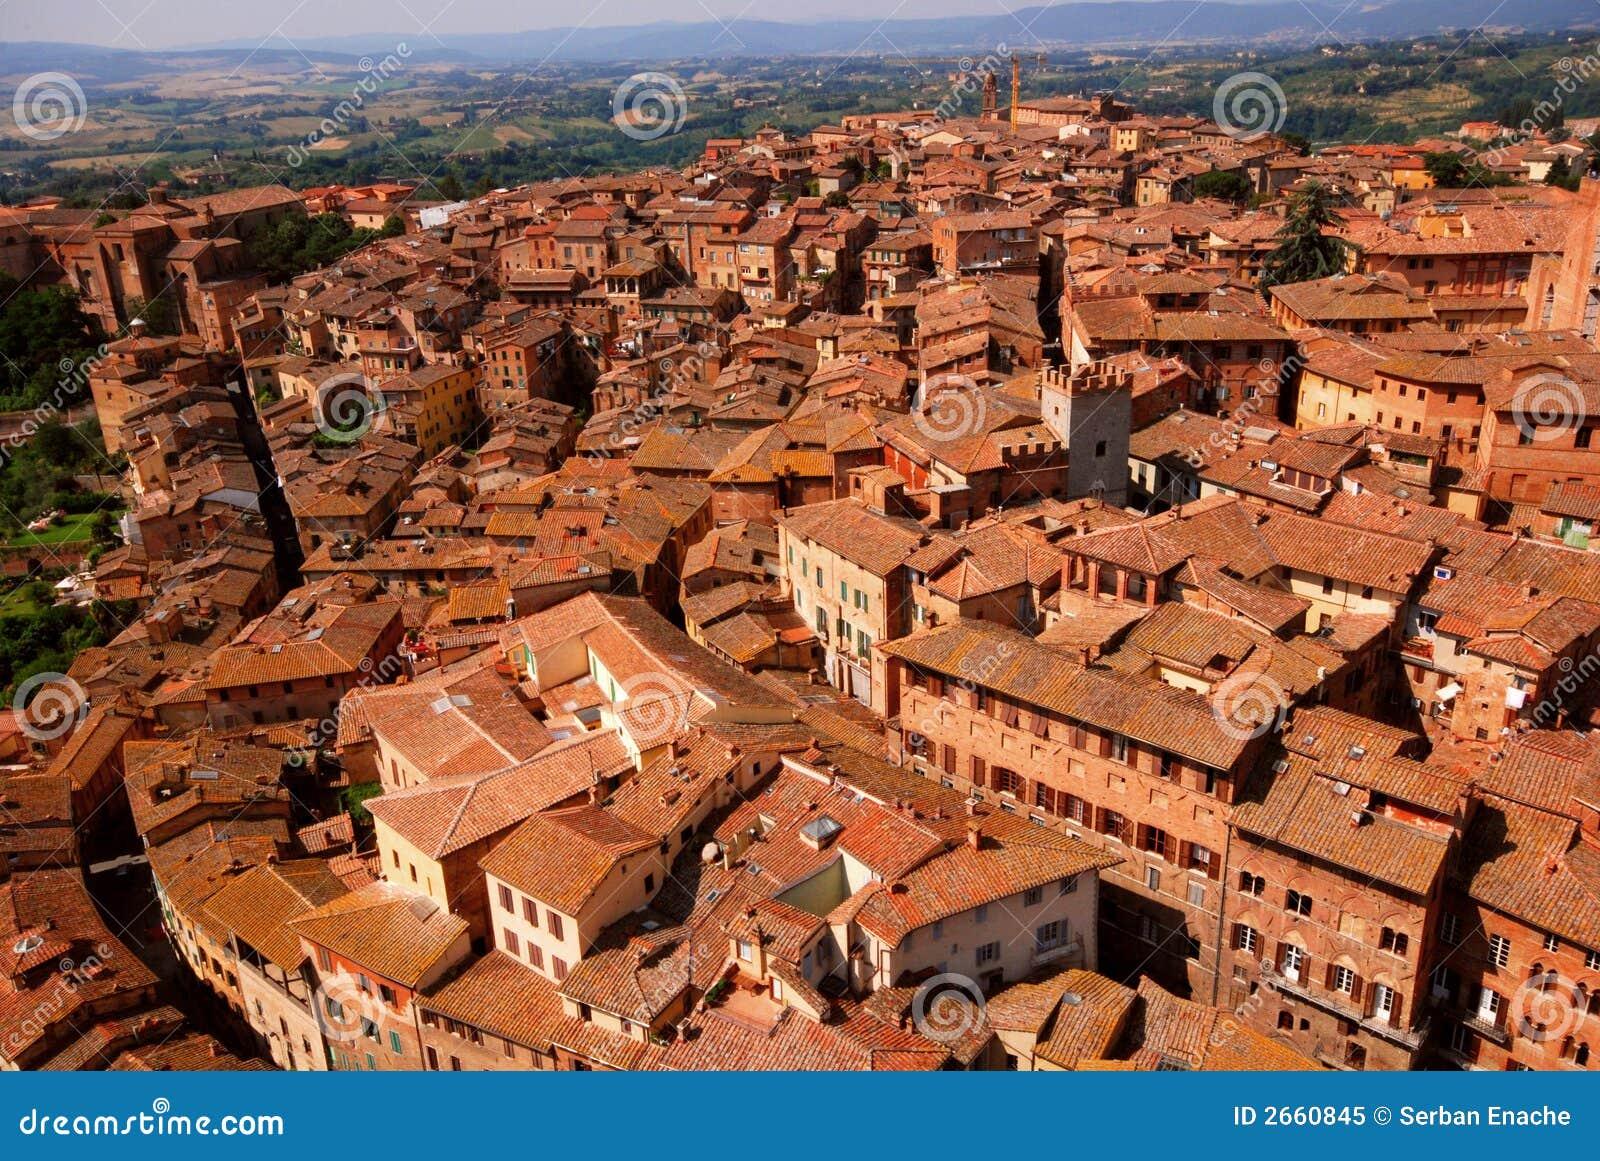 Italy överblick siena